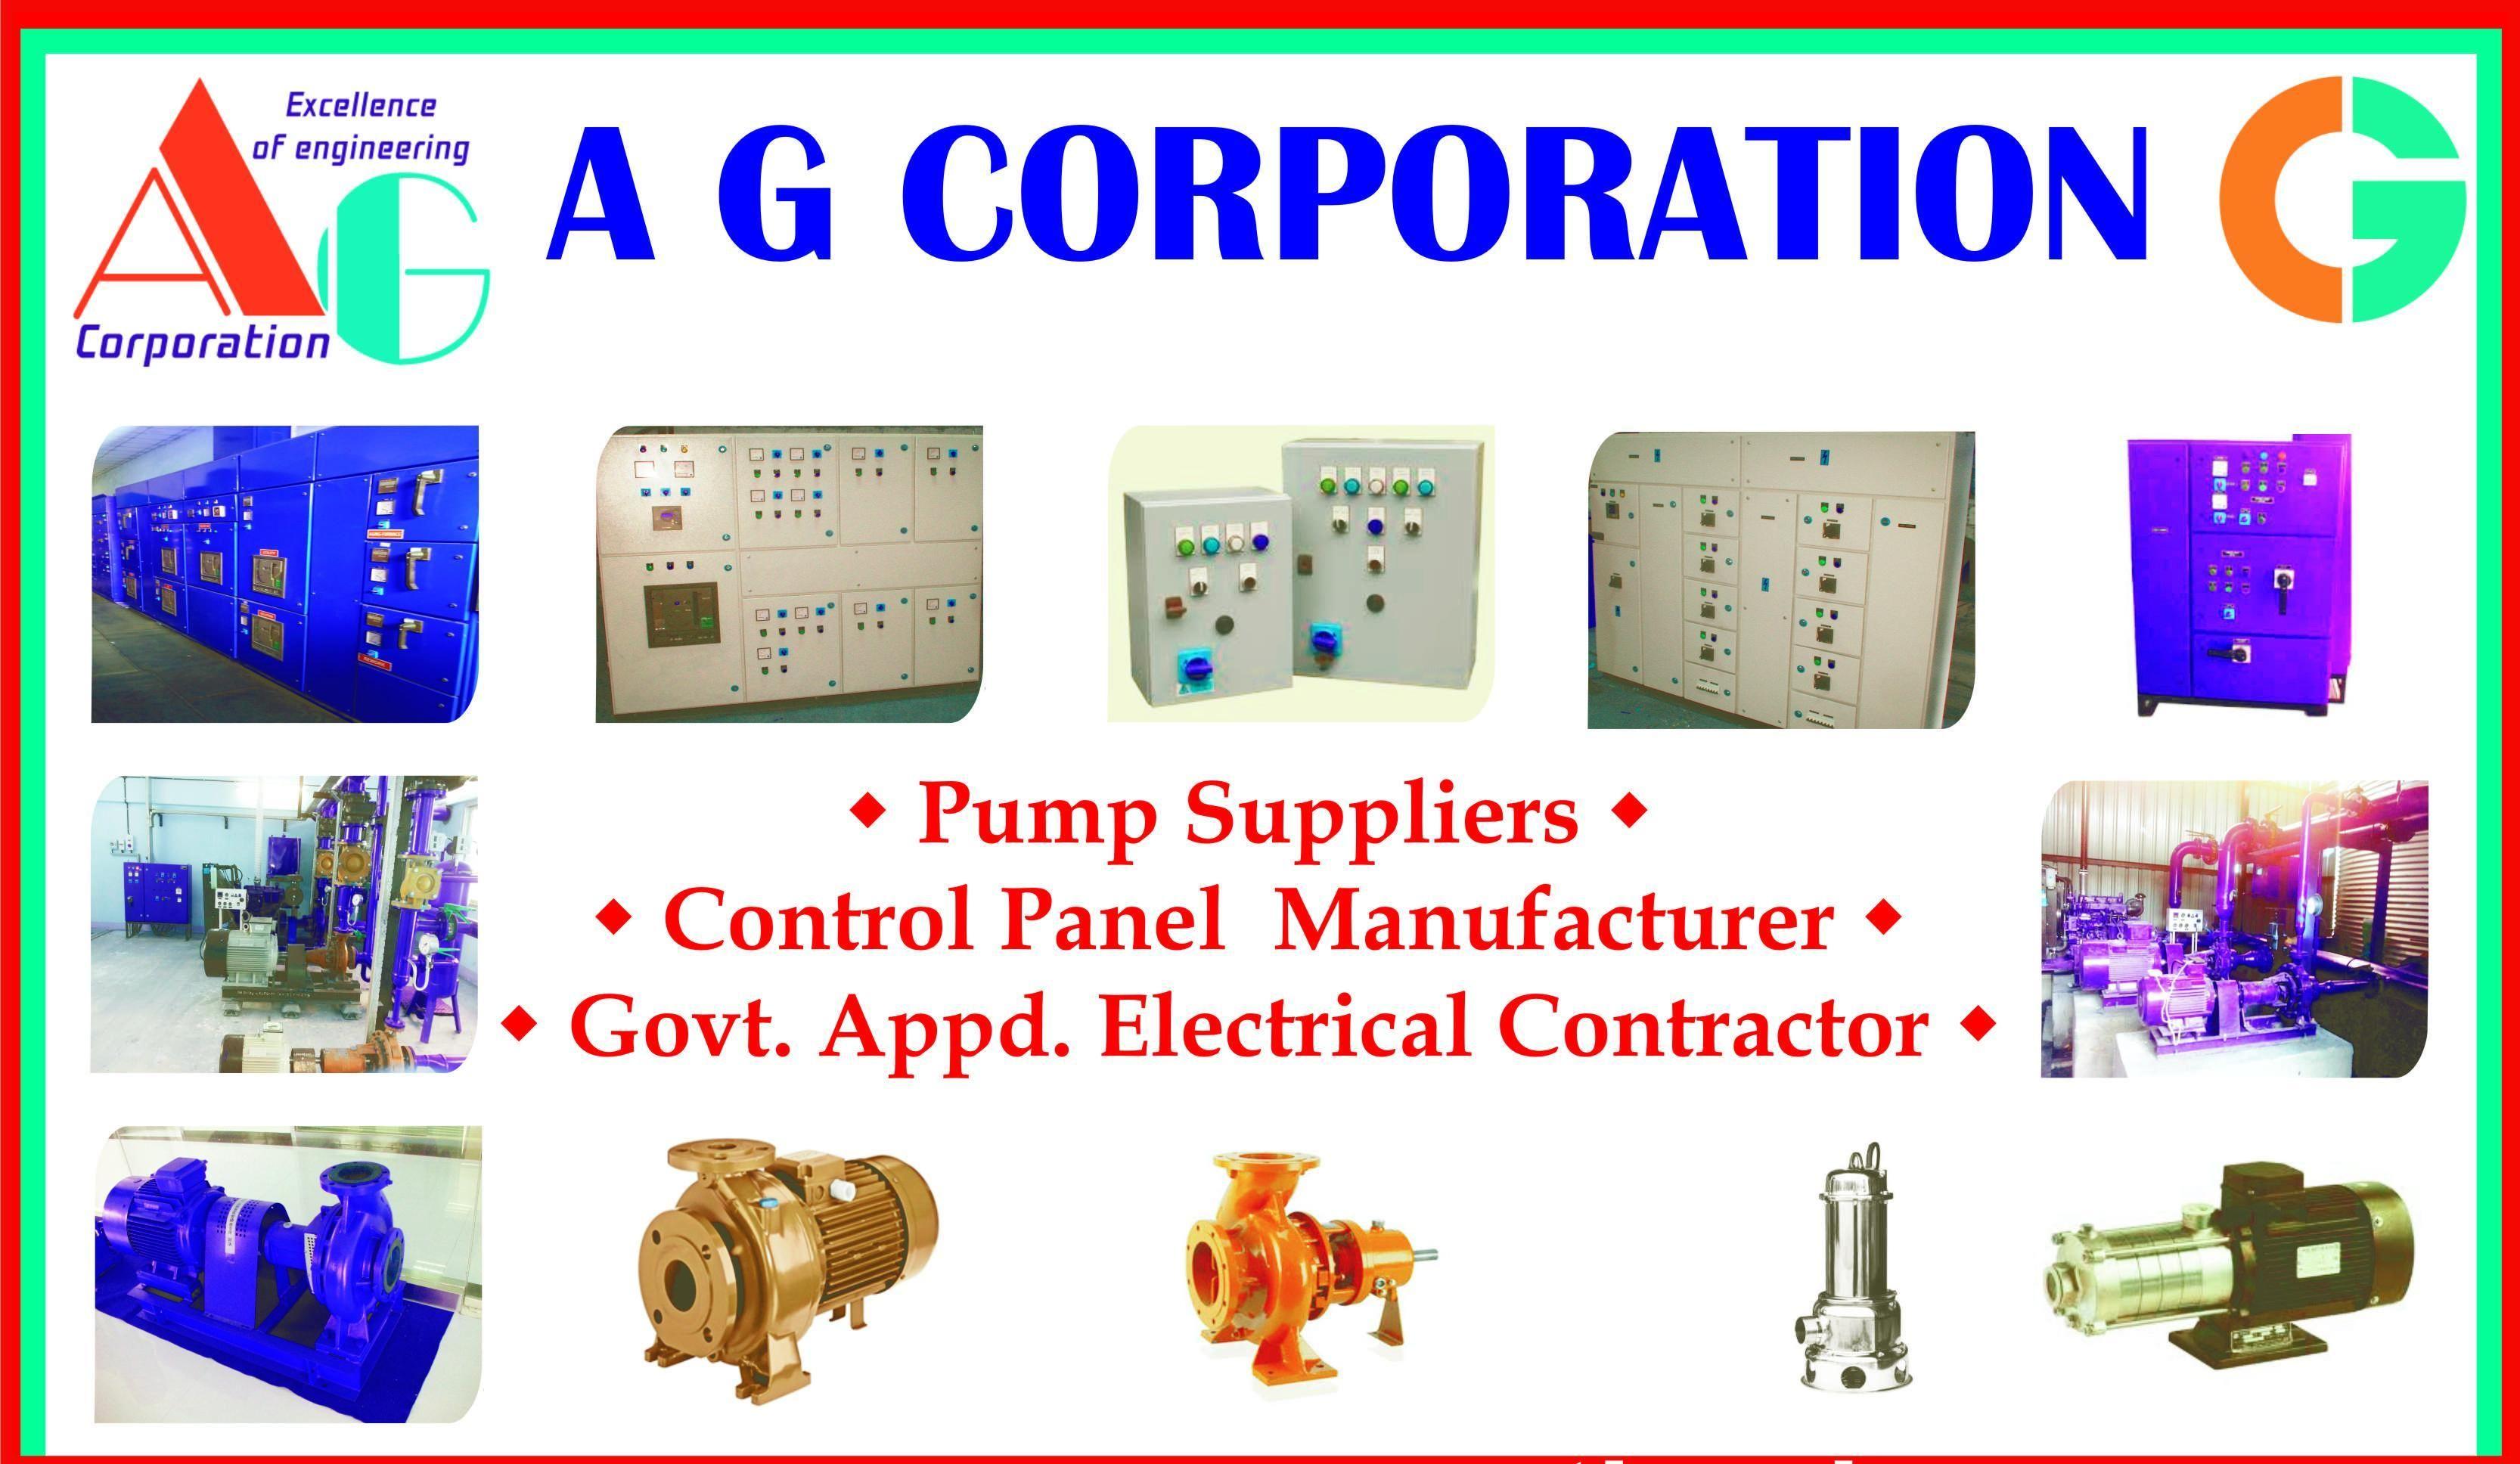 AG Corporation